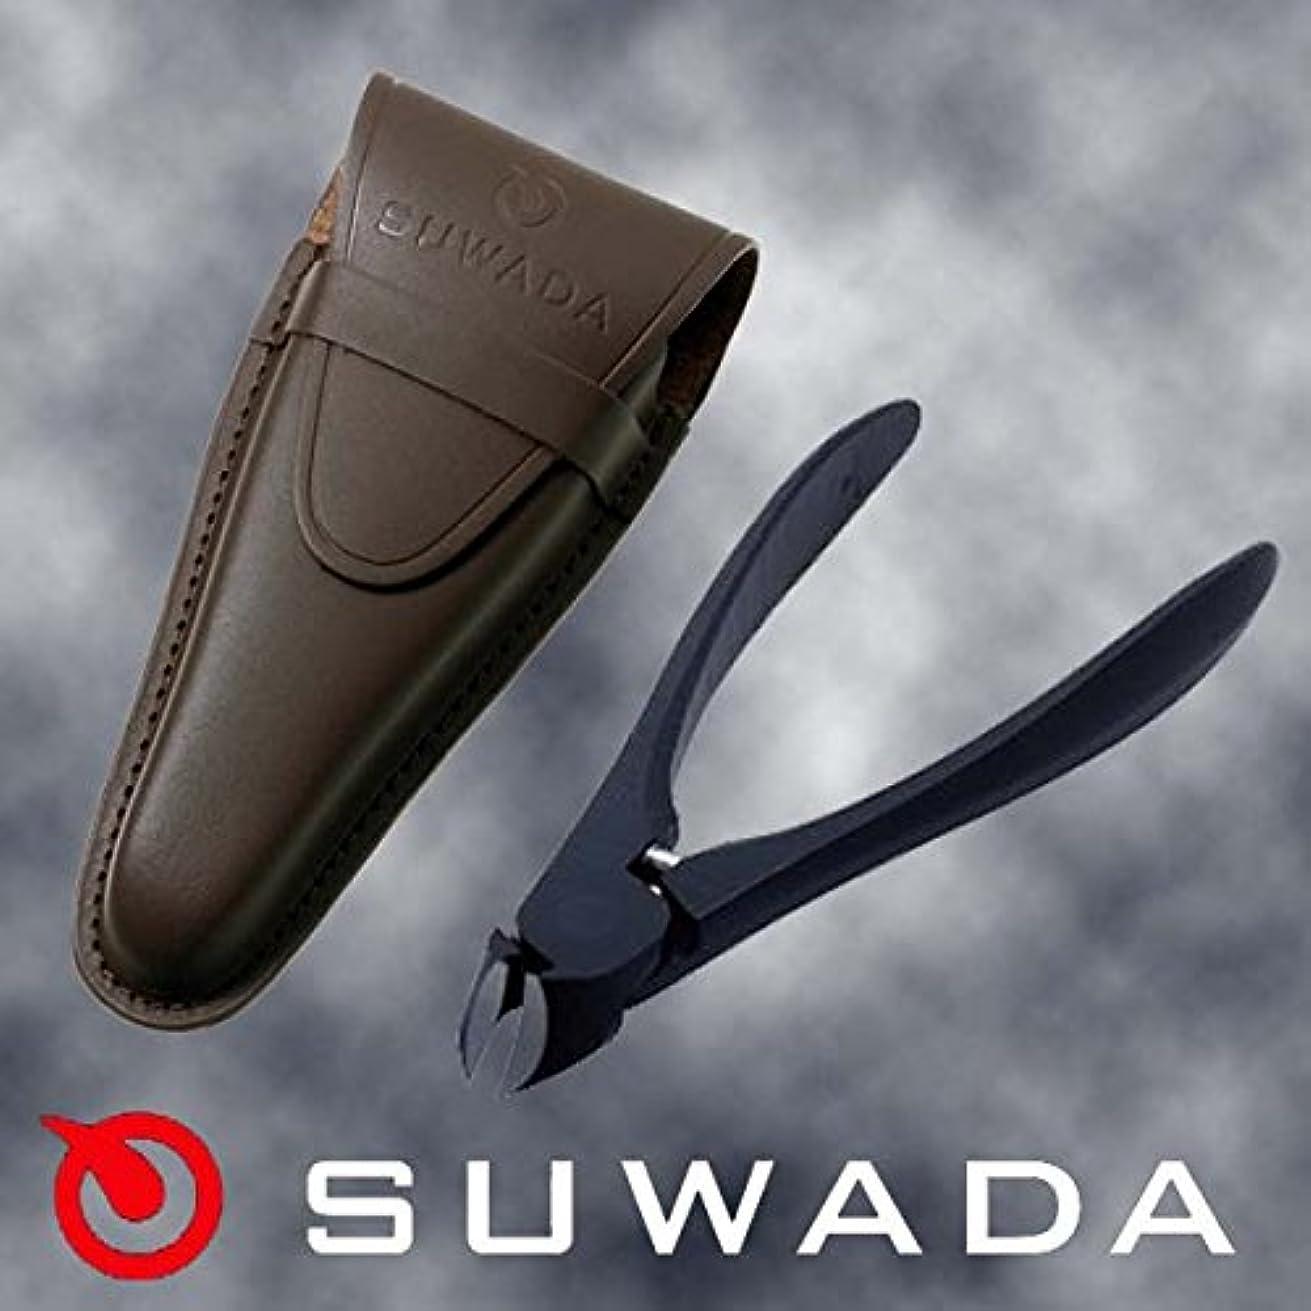 お酢カーペット伝記SUWADA爪切りブラックL&ブラウン革ケースセット 諏訪田製作所 スワダの爪切り